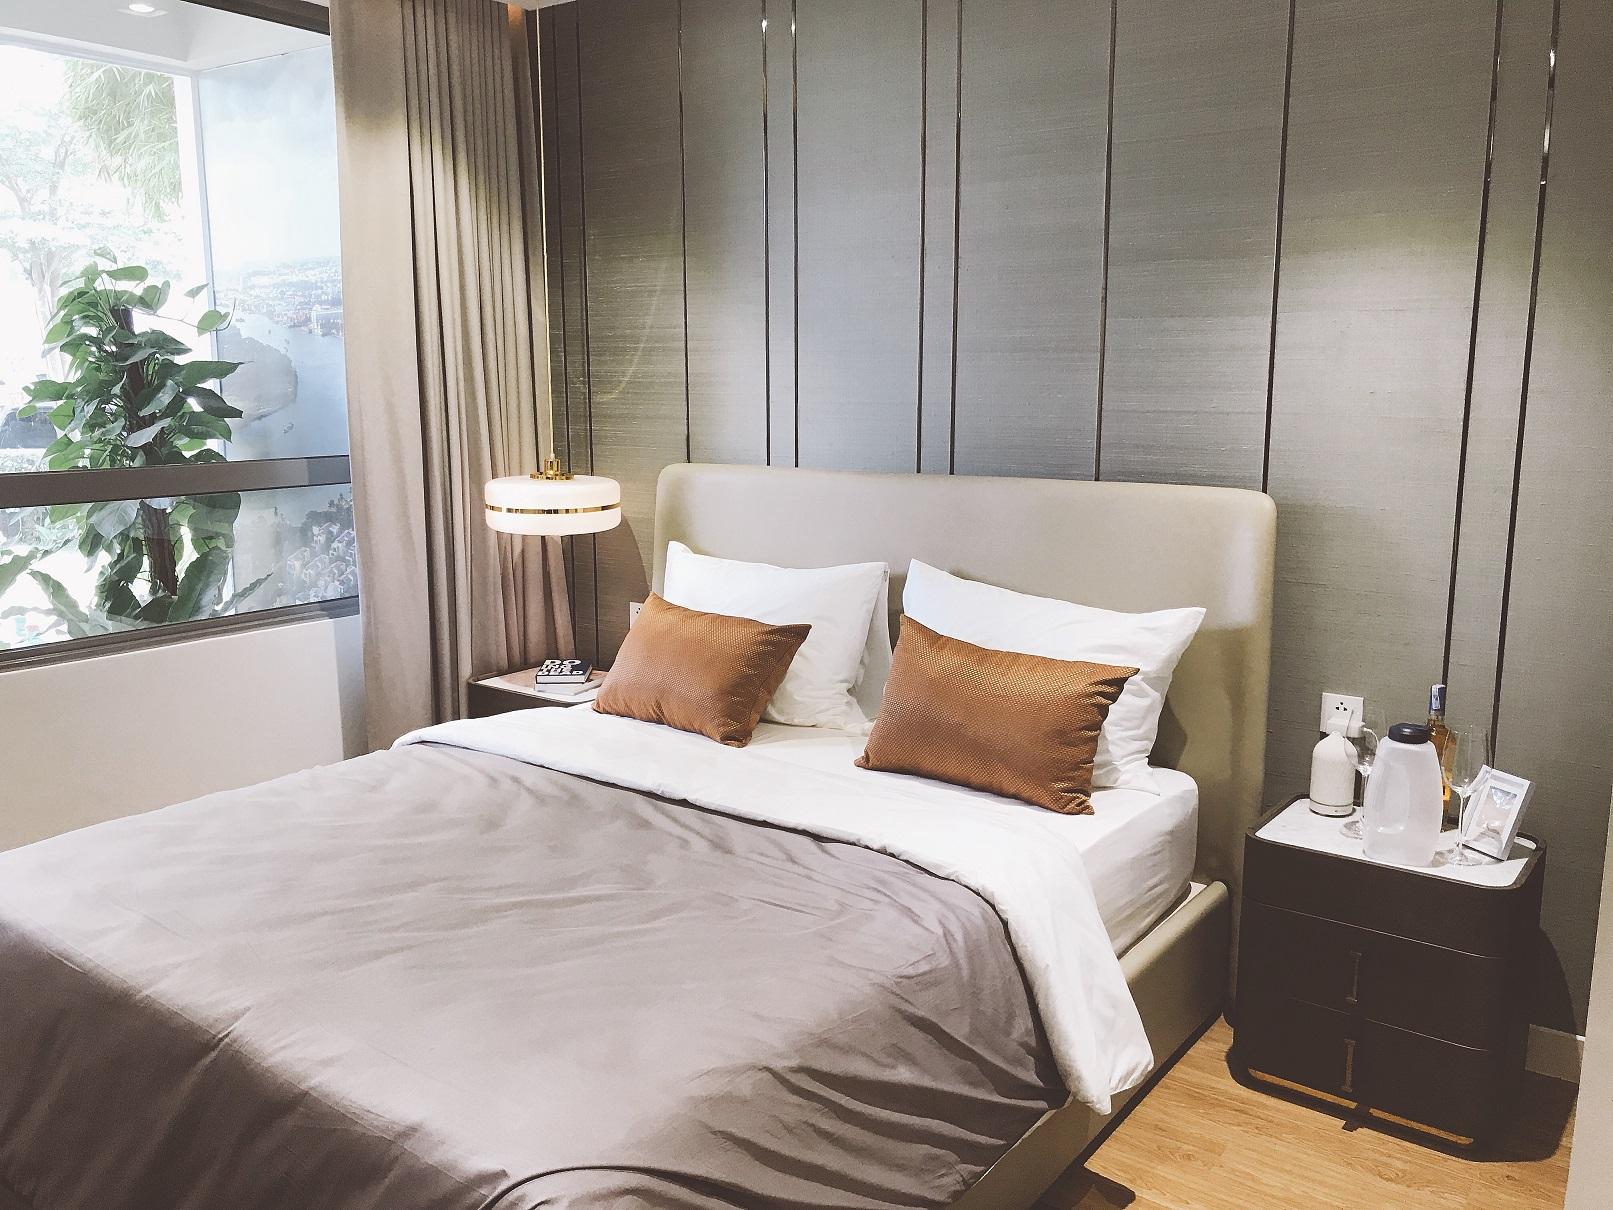 Bán 8 căn MASTERI AN PHÚ giá tốt, căn 1 phòng ngủ, 2 phòng ngủ. LH 0906681033